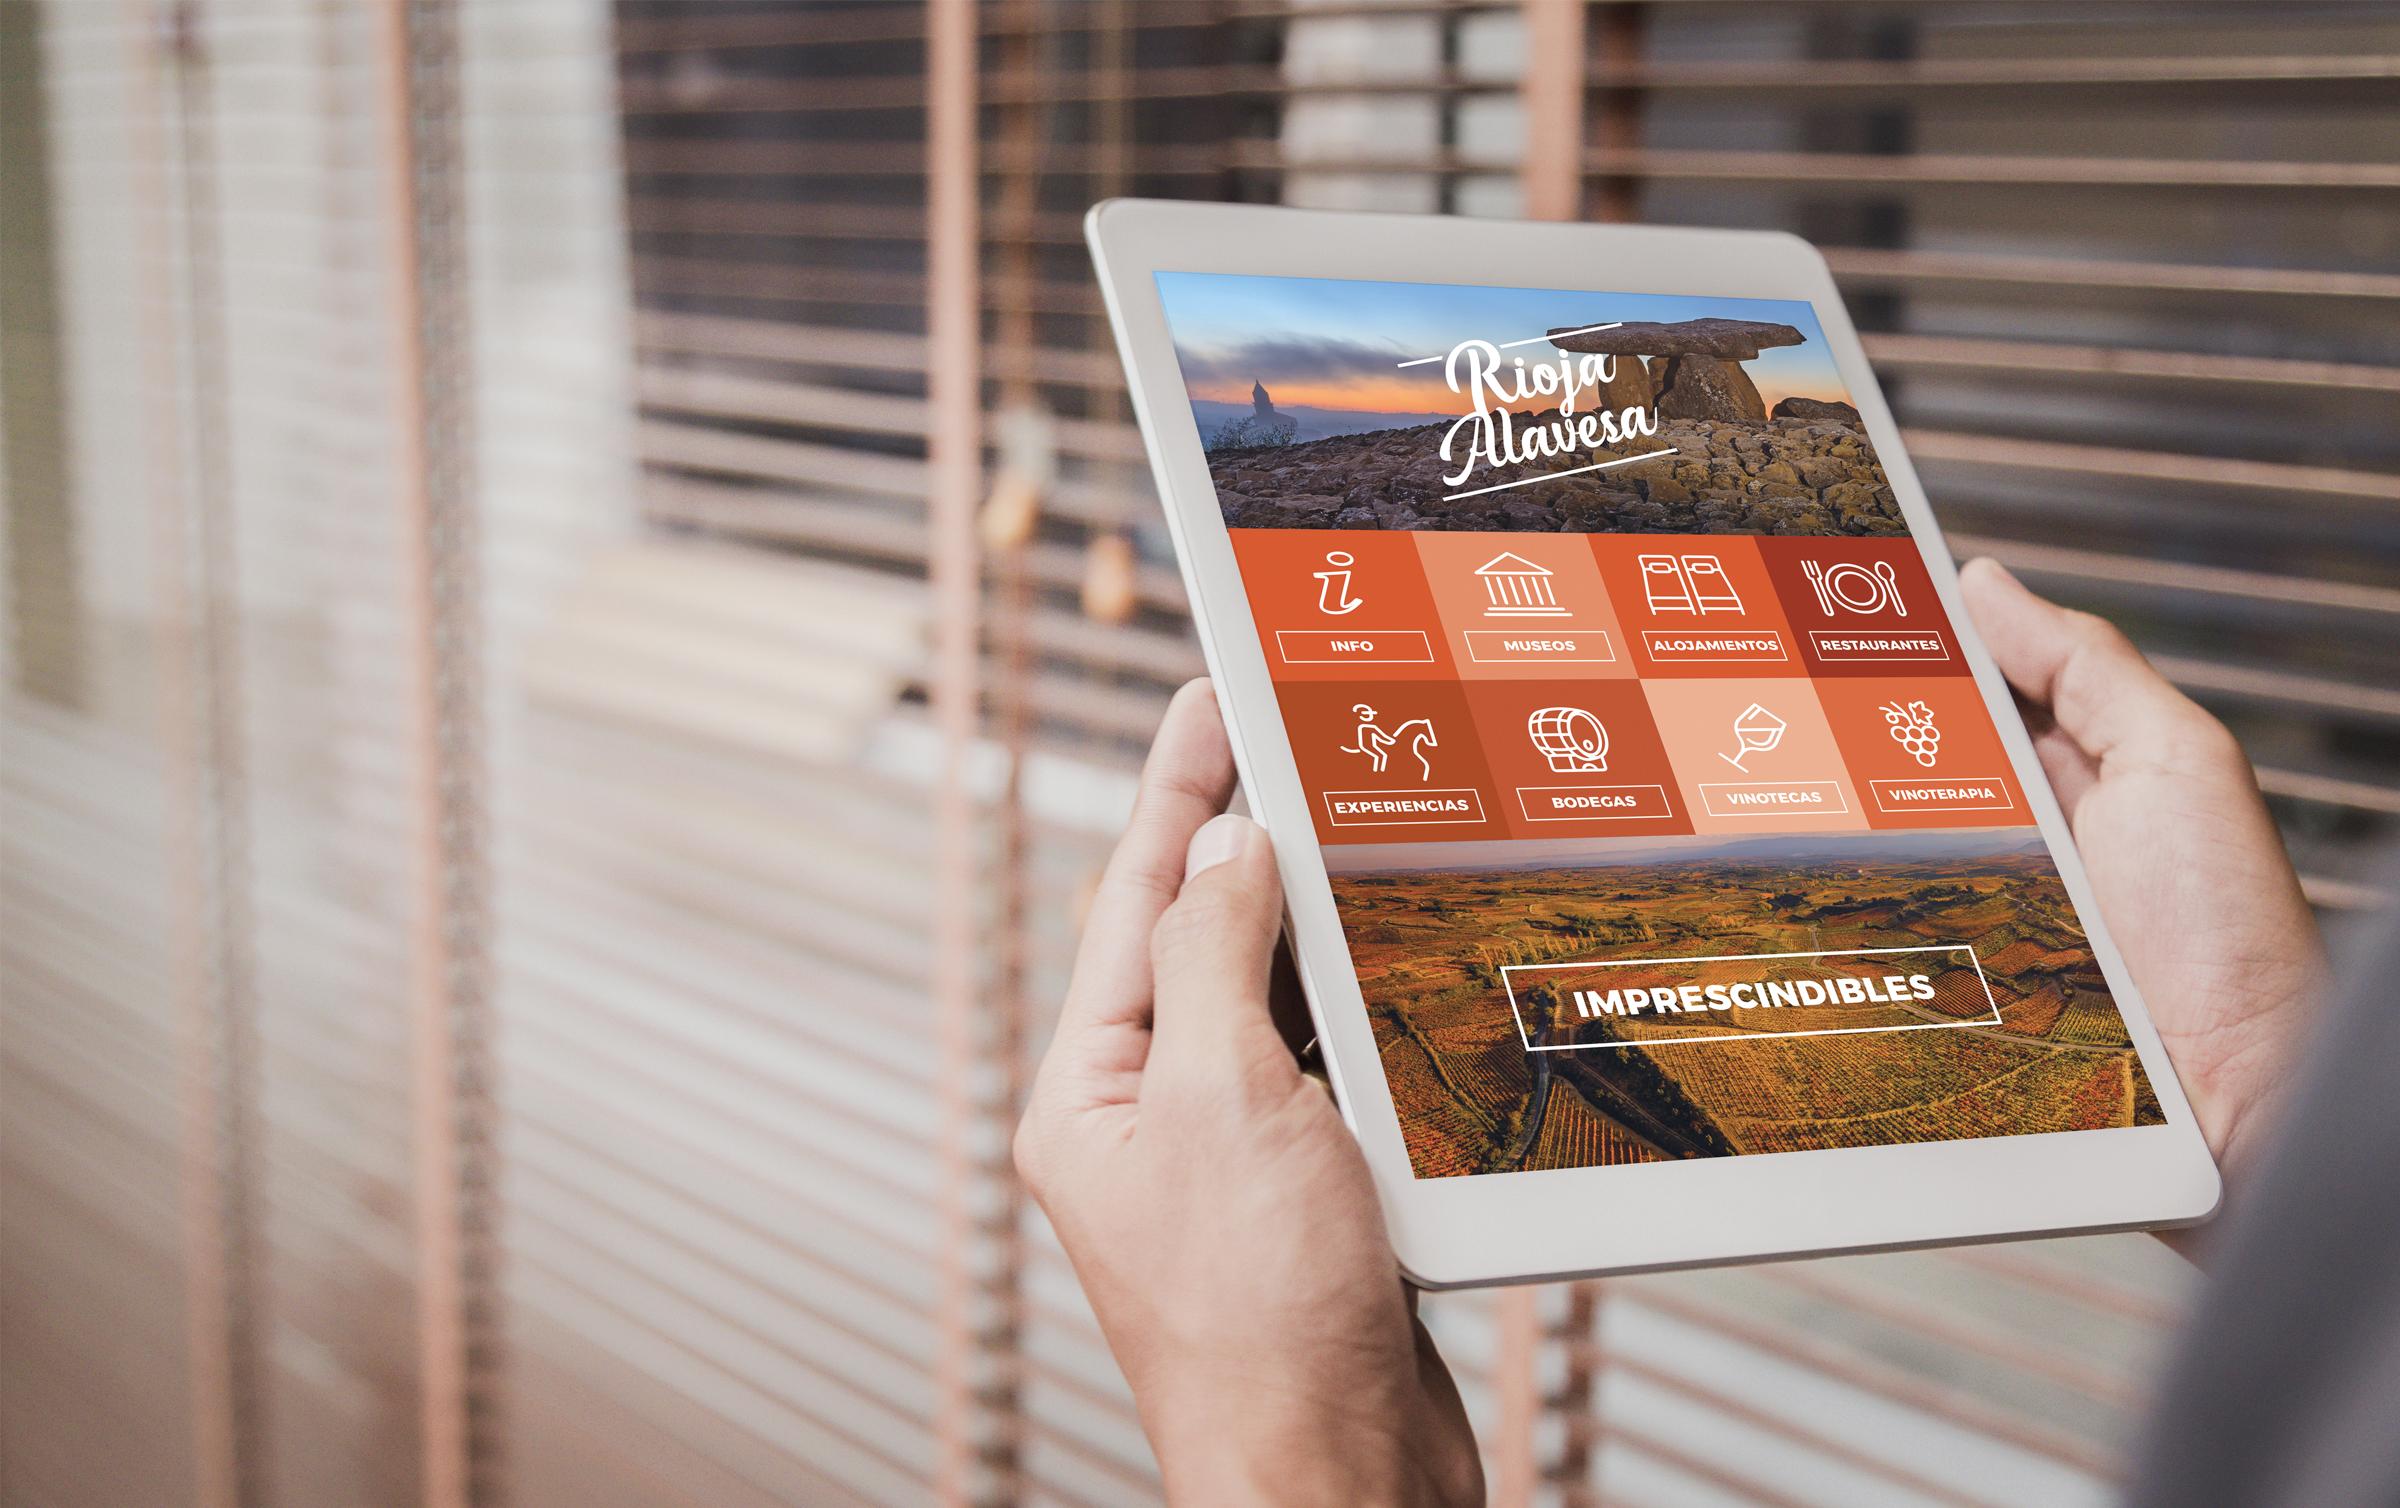 Cuadrilla de Rioja Alavesa – Campaña de promoción turística – Minisite